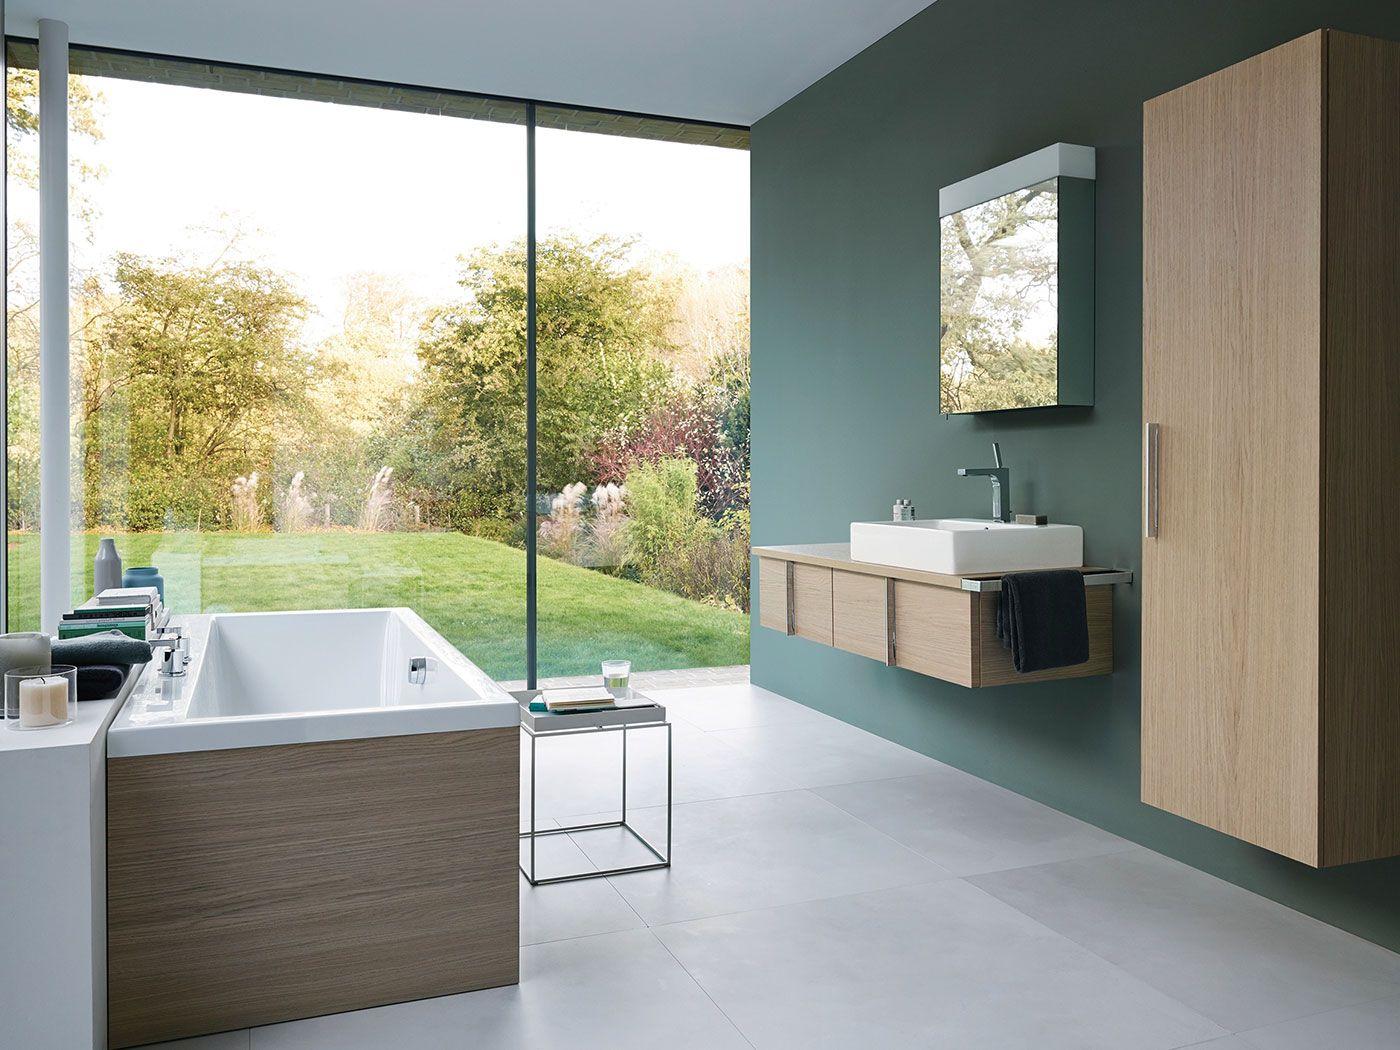 Verwarming, keukens, badkamers, groene energie merk der merken ...